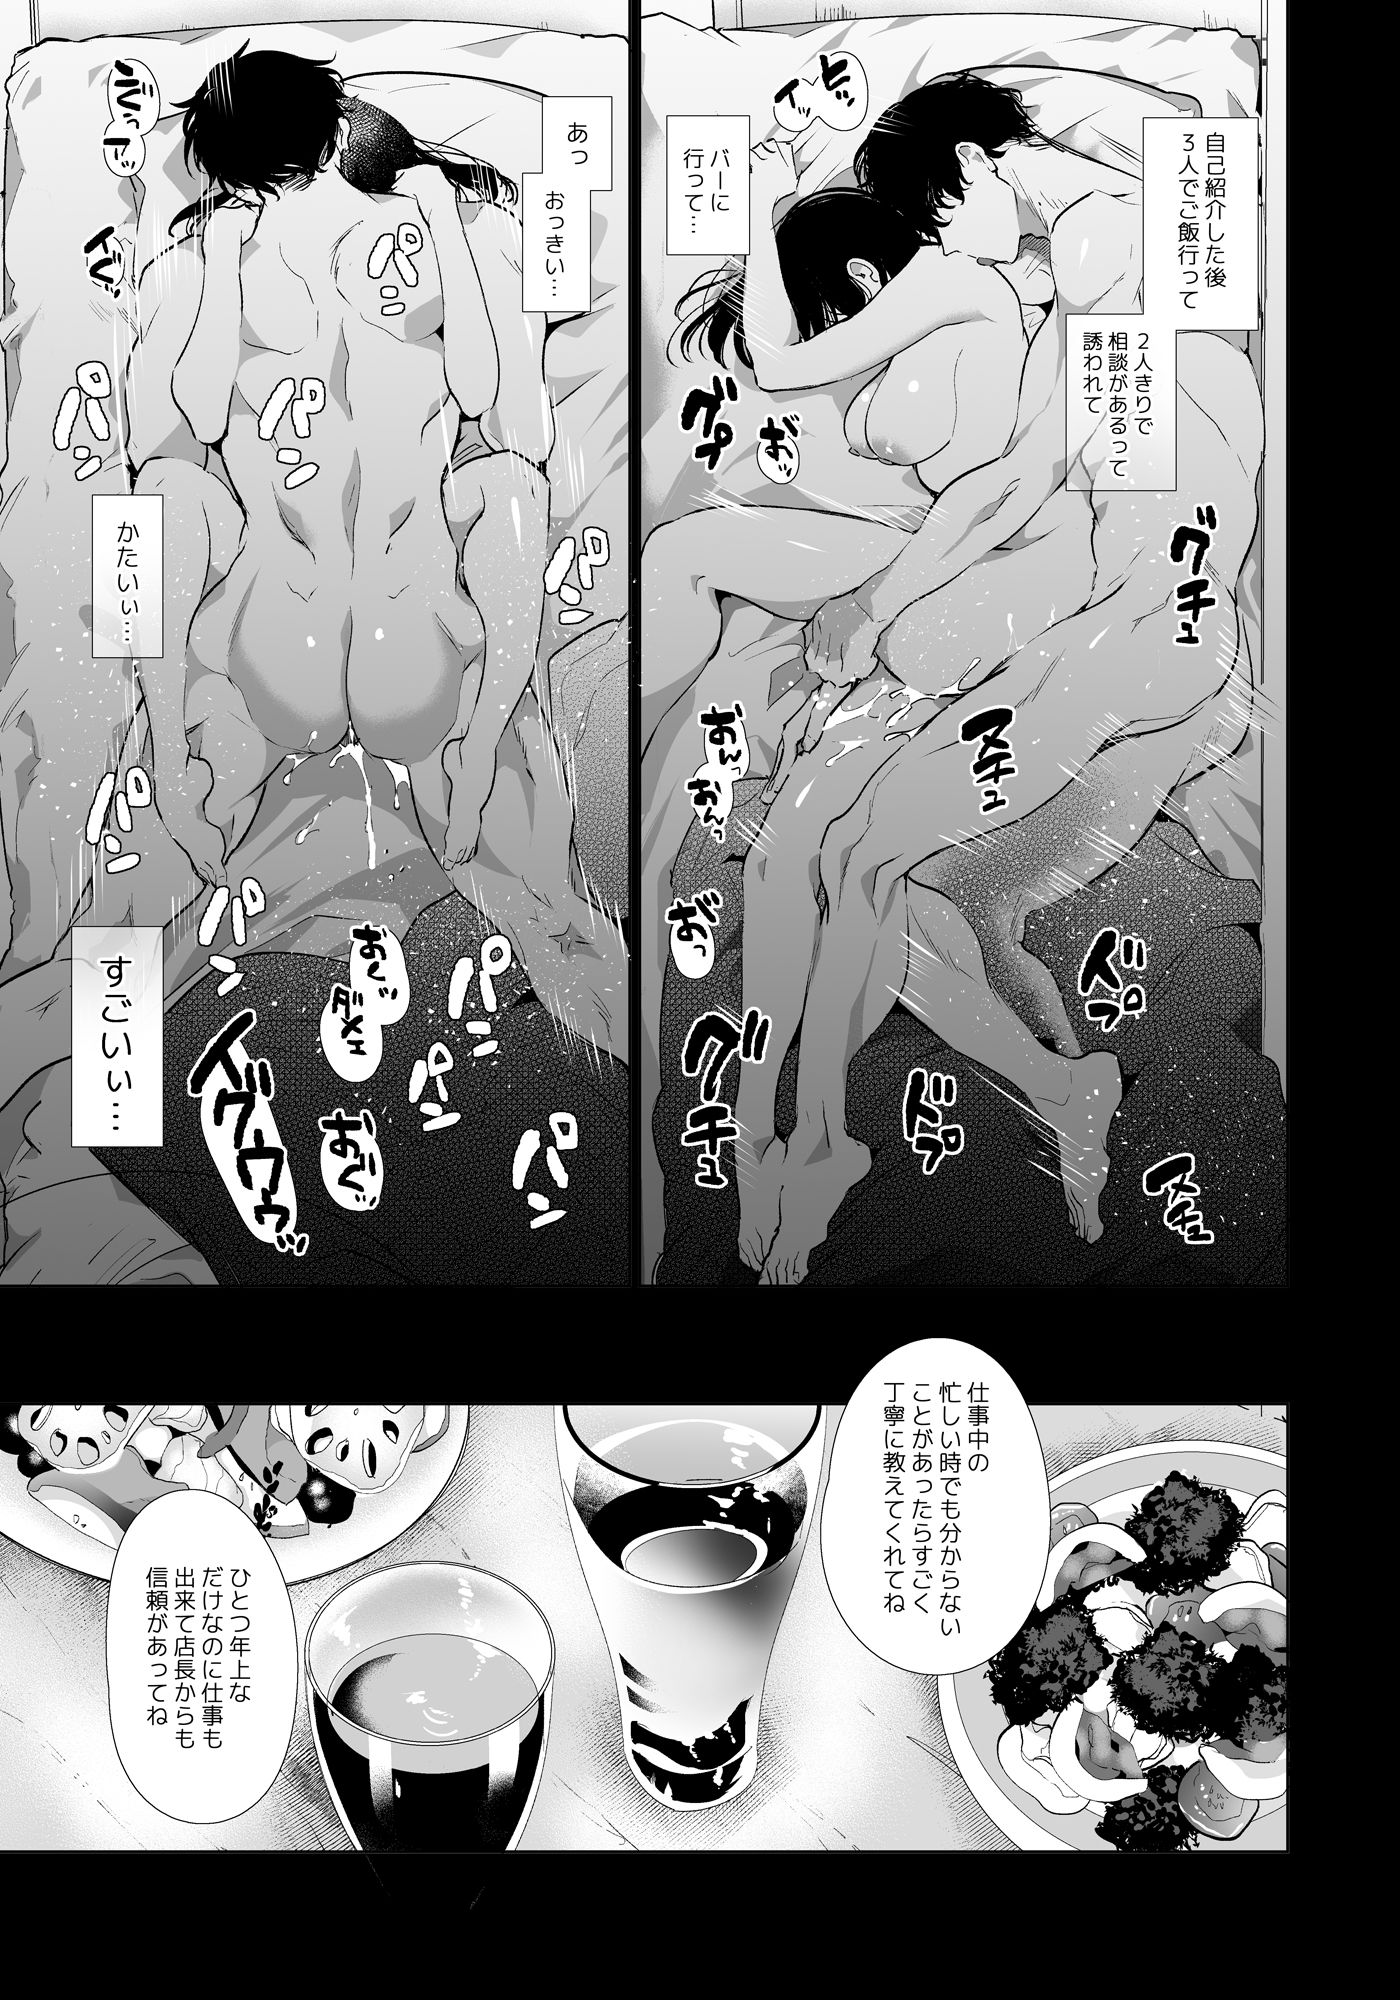 【エロ漫画無料大全集】親友がバイト先で知り合った男に牝堕ちさせられる女の子の運命が…